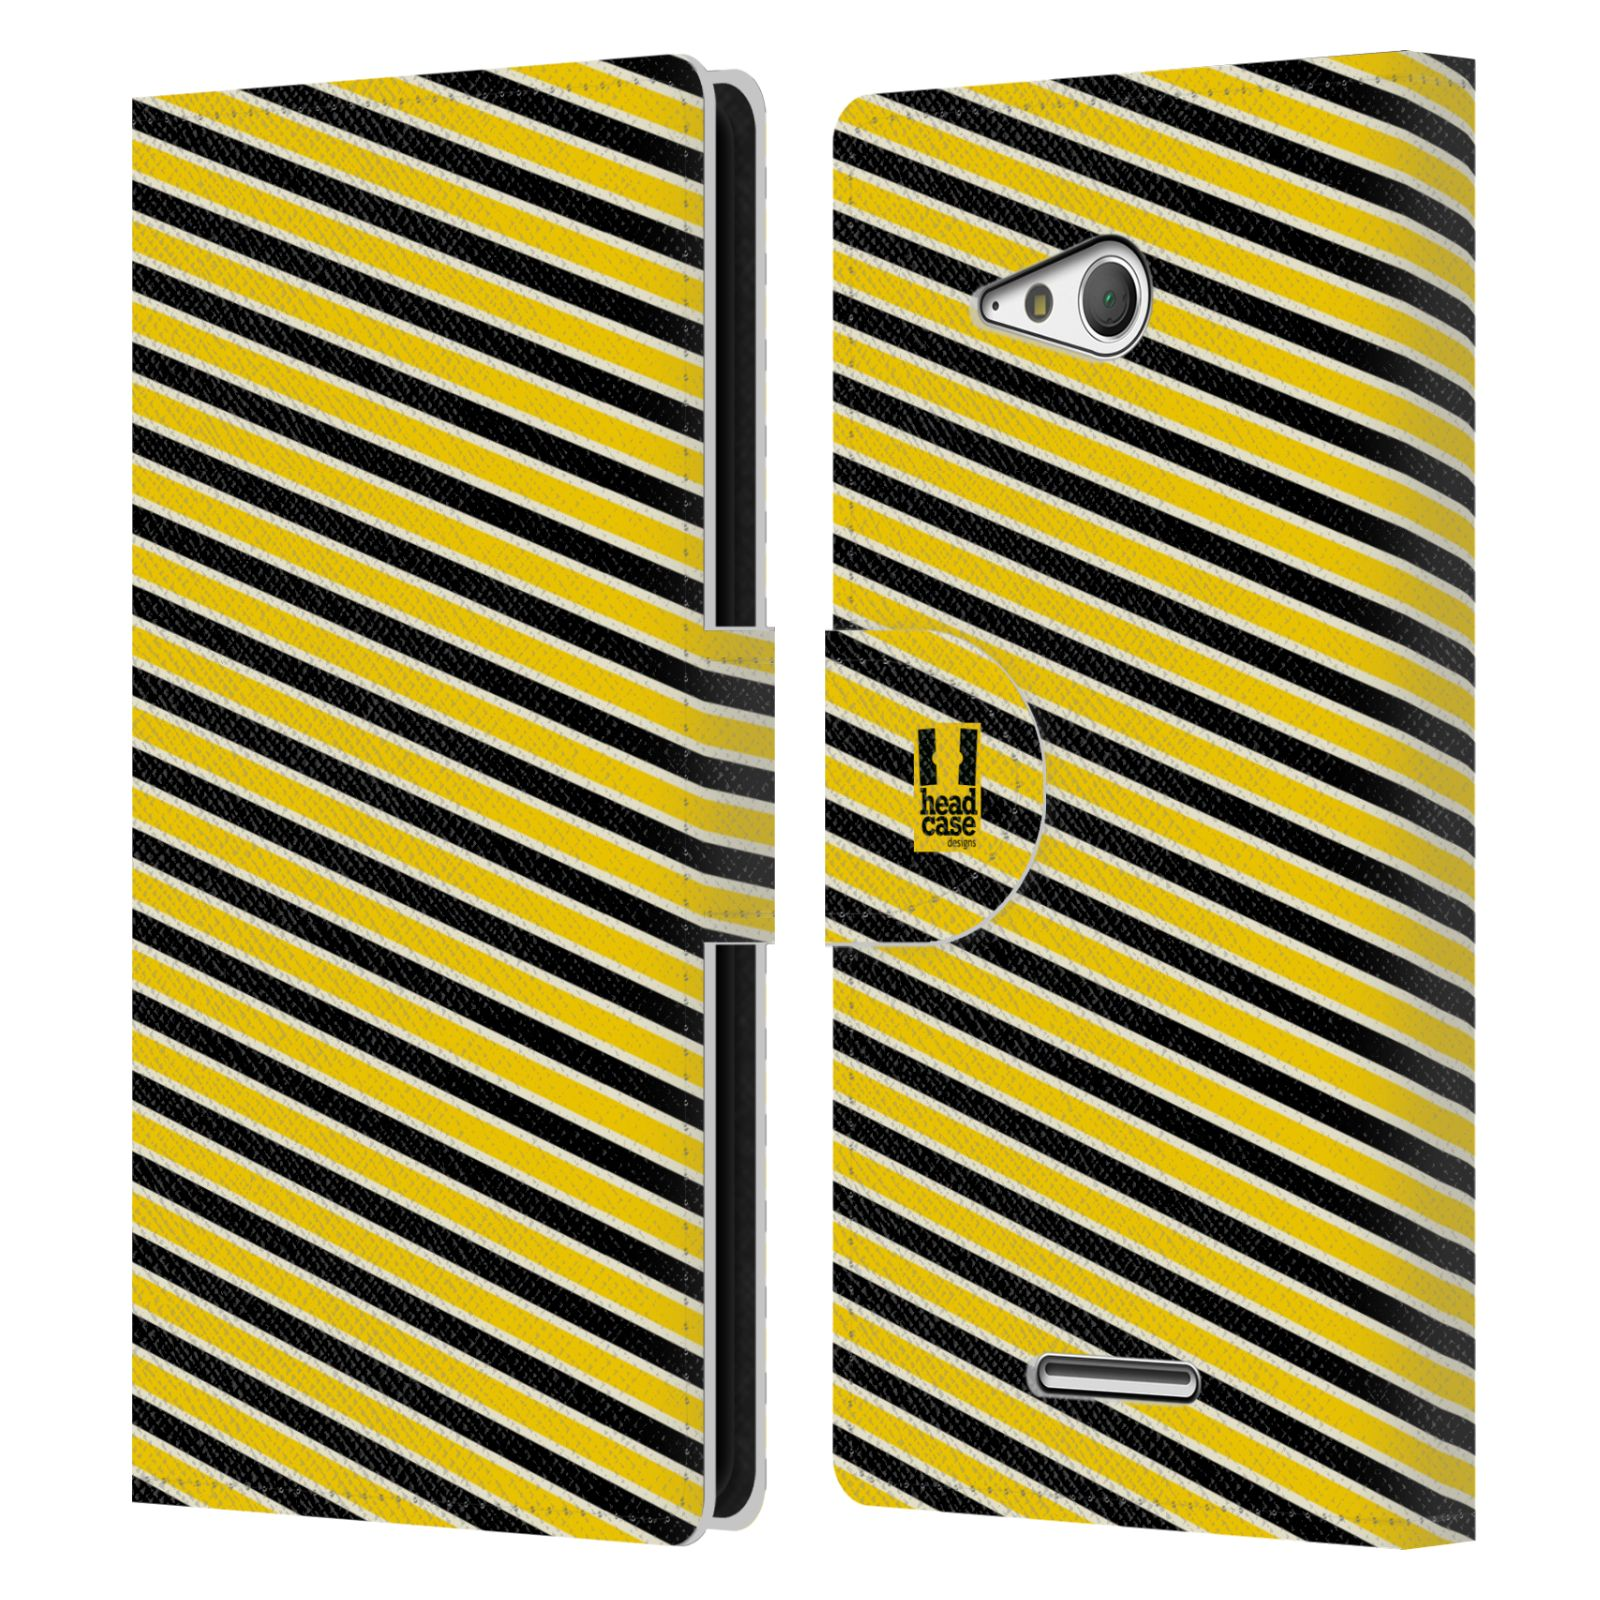 HEAD CASE Flipové pouzdro pro mobil SONY XPERIA E4g VČELÍ VZOR pruhy žlutá a černá